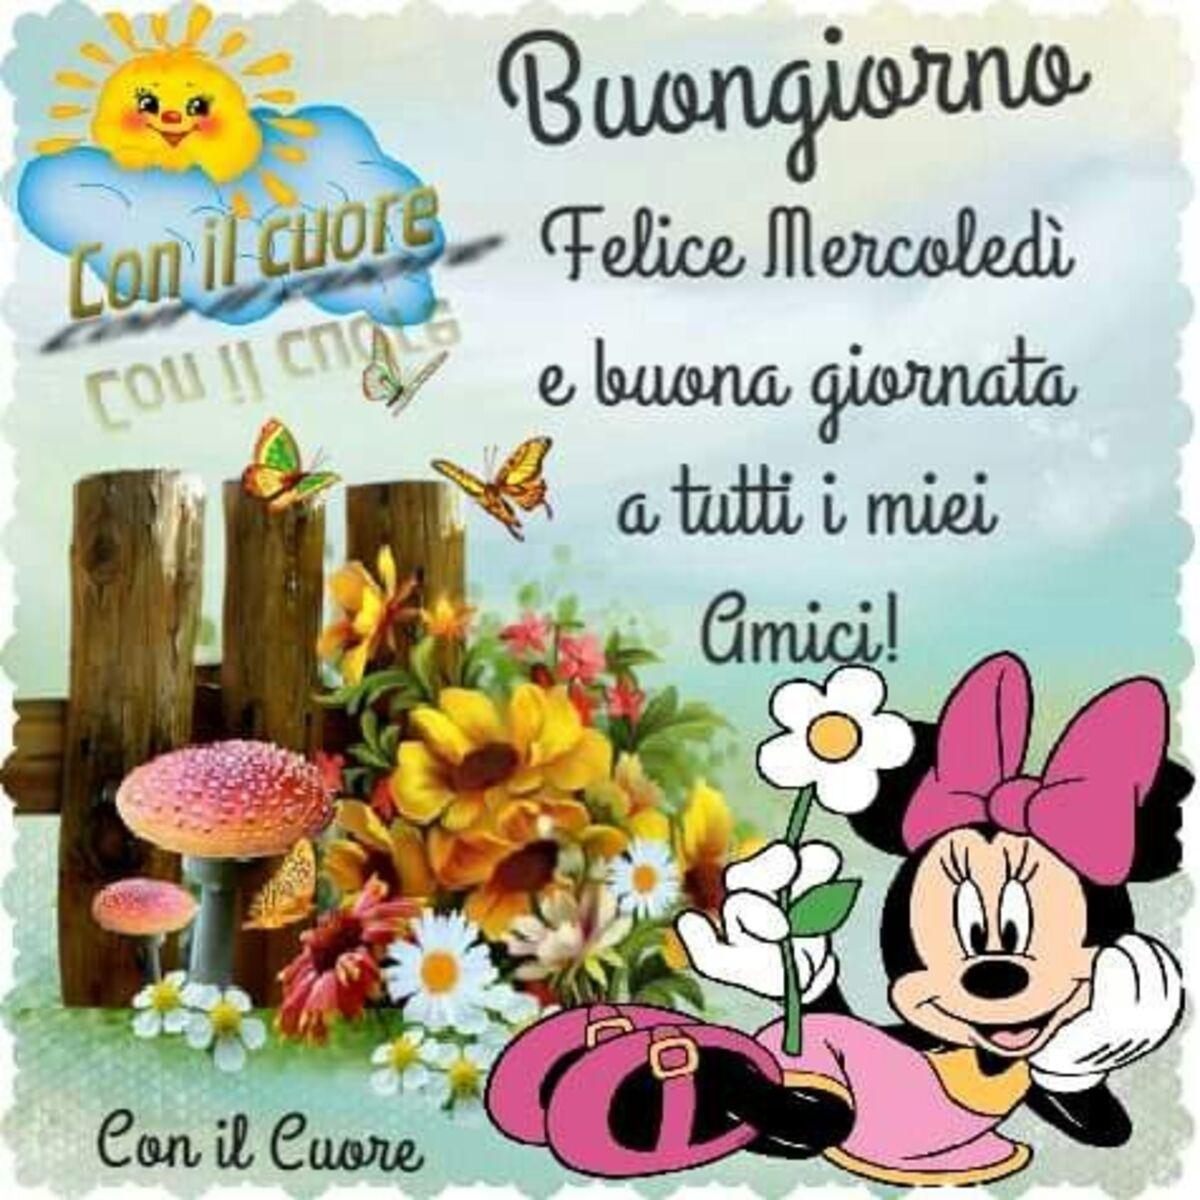 Buongiorno felice mercoledì e buona giornata a tutti i miei amici con il cuore